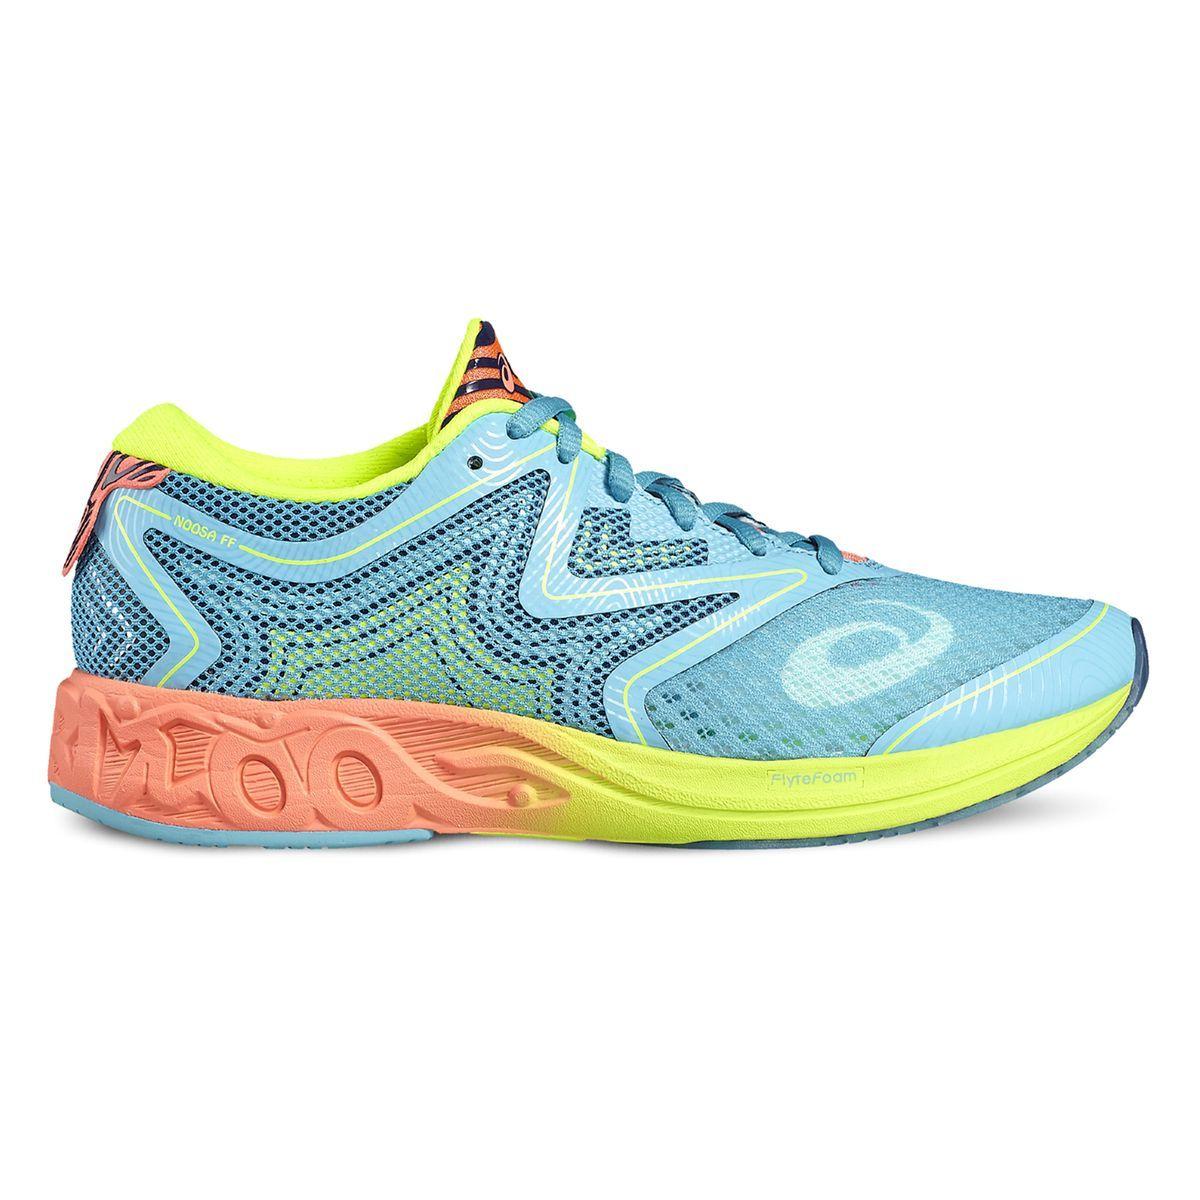 Baskets Running Gel noosa Tri 12 Taille : 36;42;41 12;40